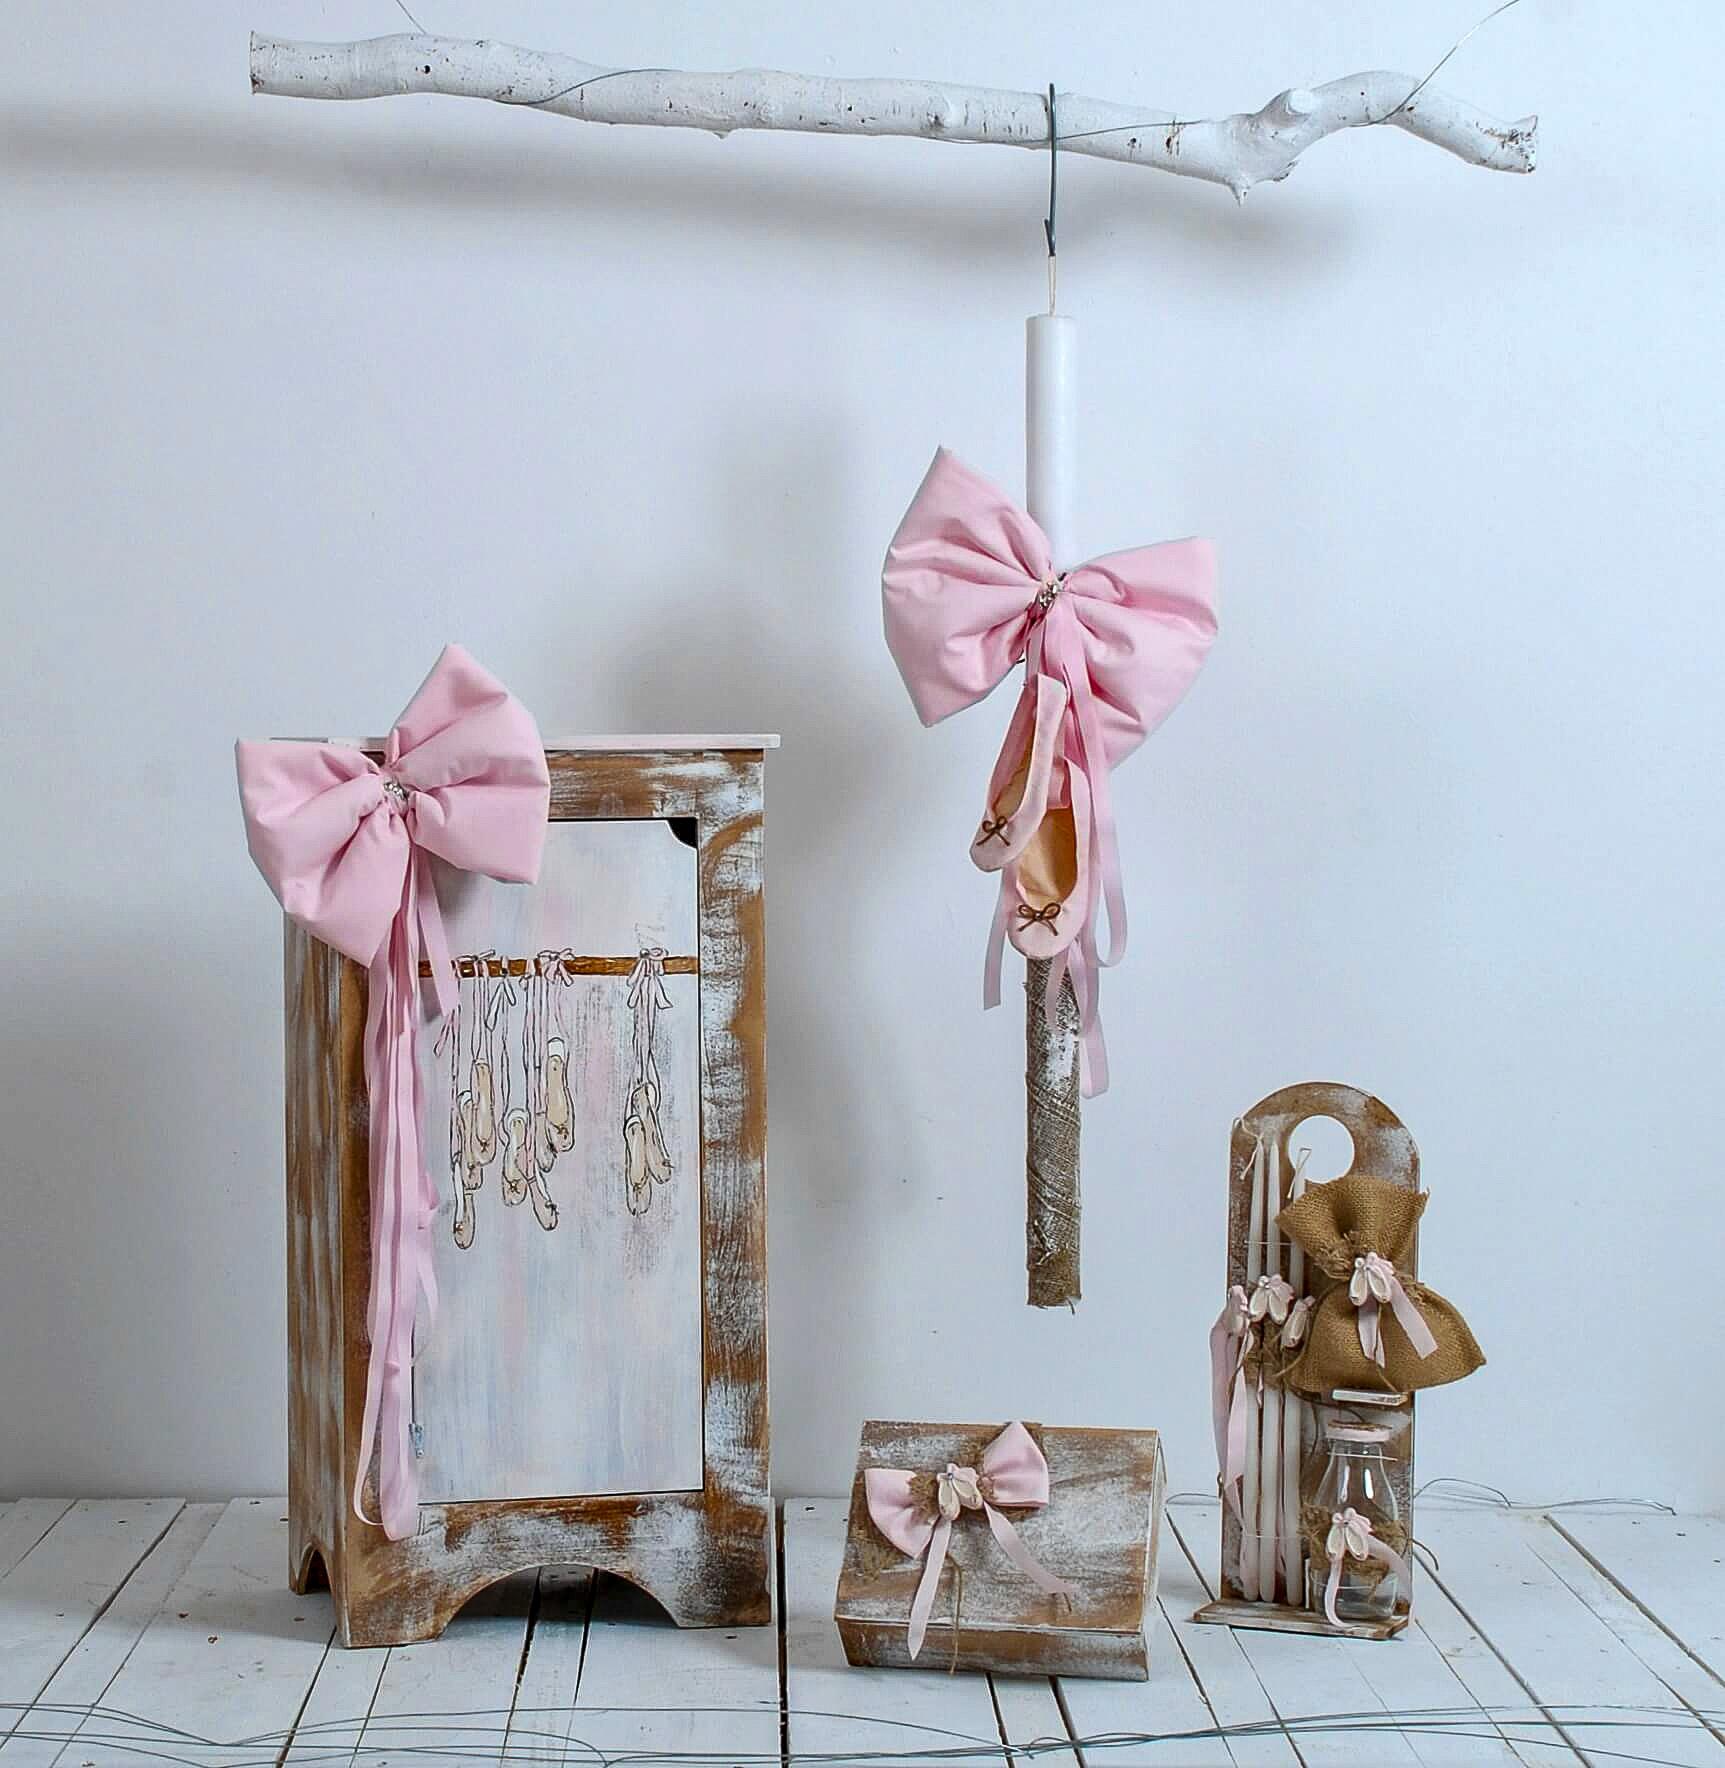 """Το χειροποίητο βαπτιστικό σετ """"Ballerina's shoes"""" είναι ένα πρωτότυπο και ρομαντικό σετ στο οποίο τον τόνο δίνουν τα """"Ballerina's shoes"""" ή απλά πουέντ. Το βαπτιστικό κουτί - κομοδίνο για τις μικρές μας μπαλαρίνες είναι διακοσμημένο εξωτερικά με ζωγραφιά που απεικονίζει τα παπούτσια χορού """"πουέντ"""". Το κουτί είναι ξύλινο και χειροποίητο και εσωτερικά περιέχει κρεμάστρα για το φόρεμα της αγαπημένης σας βαφτισιμιάς. Επιπλέον έχει υποστεί ειδική παλαίωση στη βαφή του και θα συντροφεύει την βαφτισιμιά σας για χρόνια στα παιχνίδια της μεγαλώνοντας."""